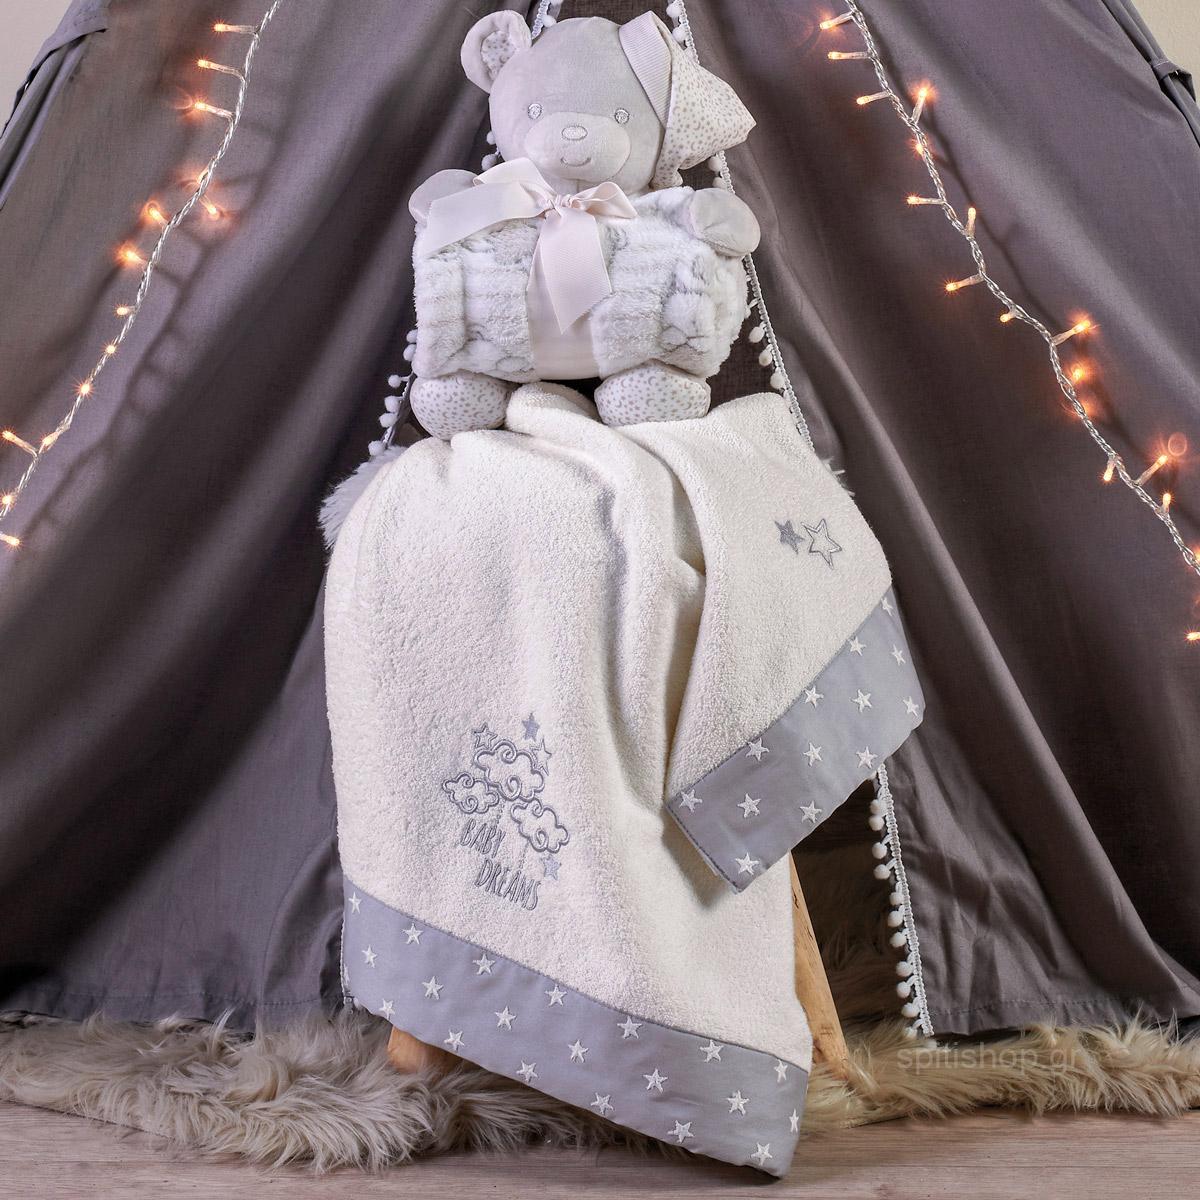 Βρεφικές Πετσέτες (Σετ 2τμχ) Kentia Baby Dream